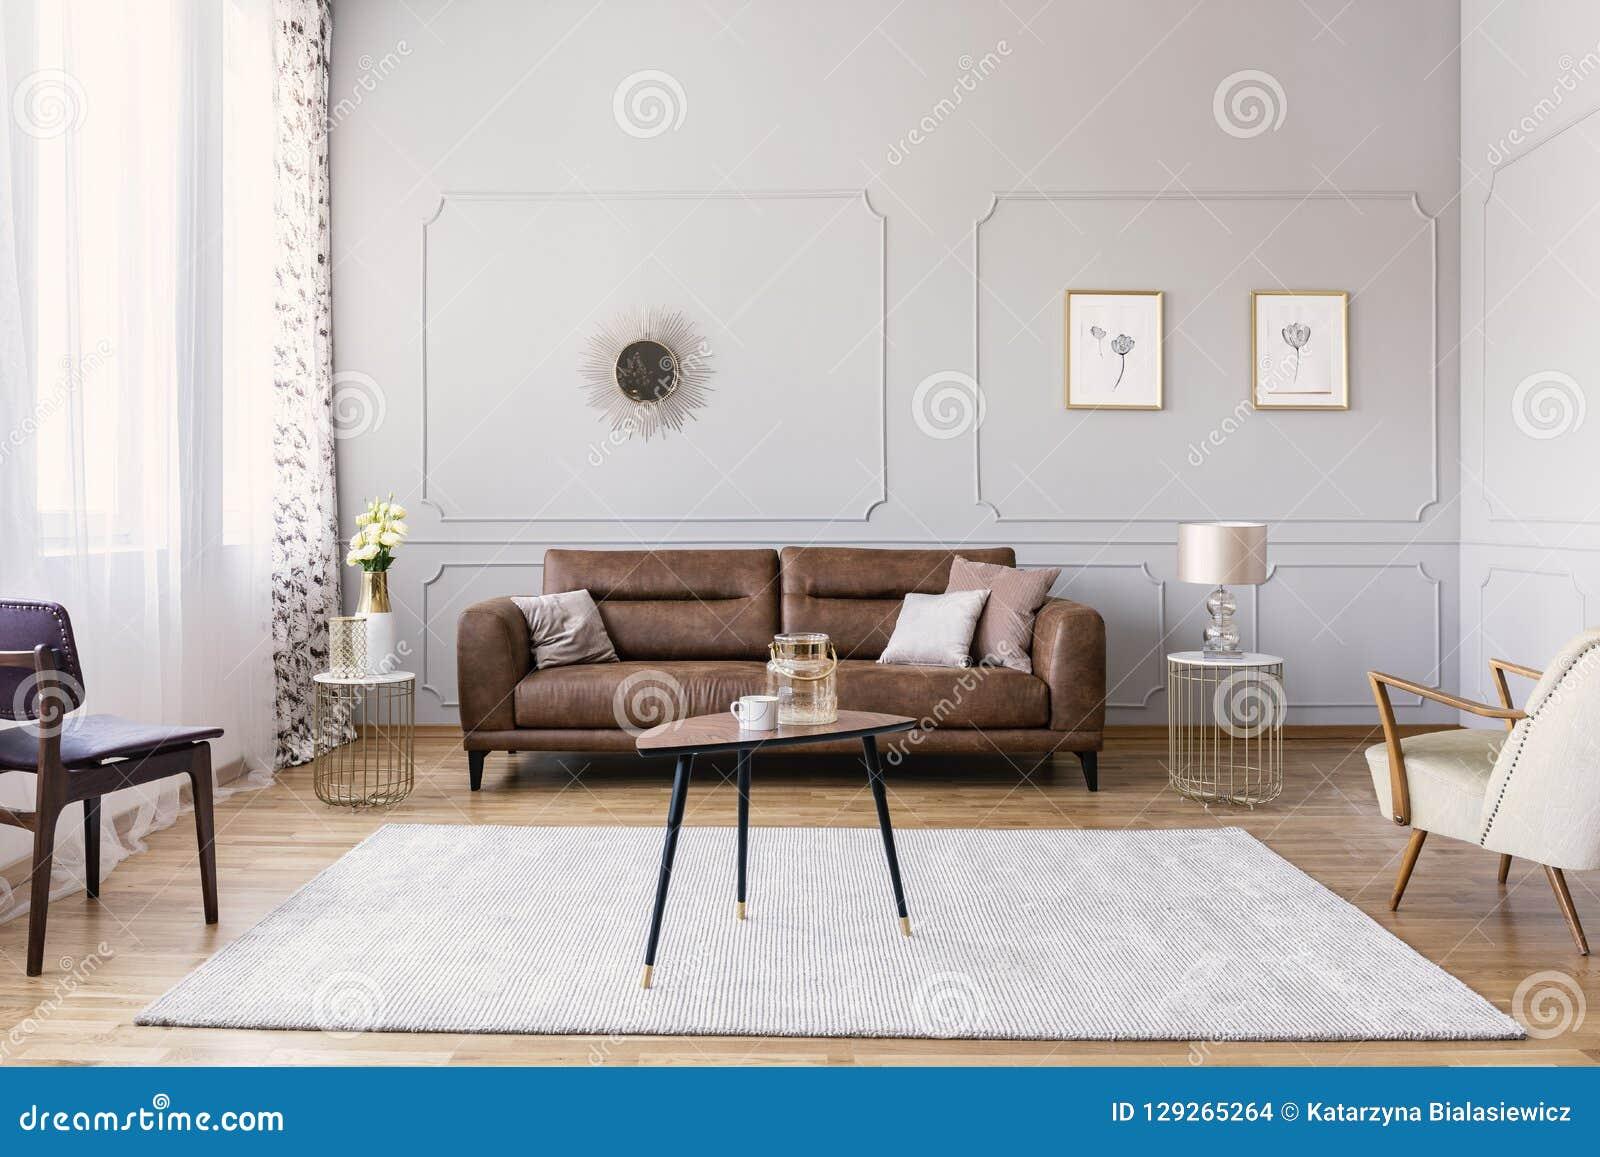 Mesa de centro con el florero y la taza en el medio del interior elegante de la sala de estar con el sofá de cuero cómodo, silla